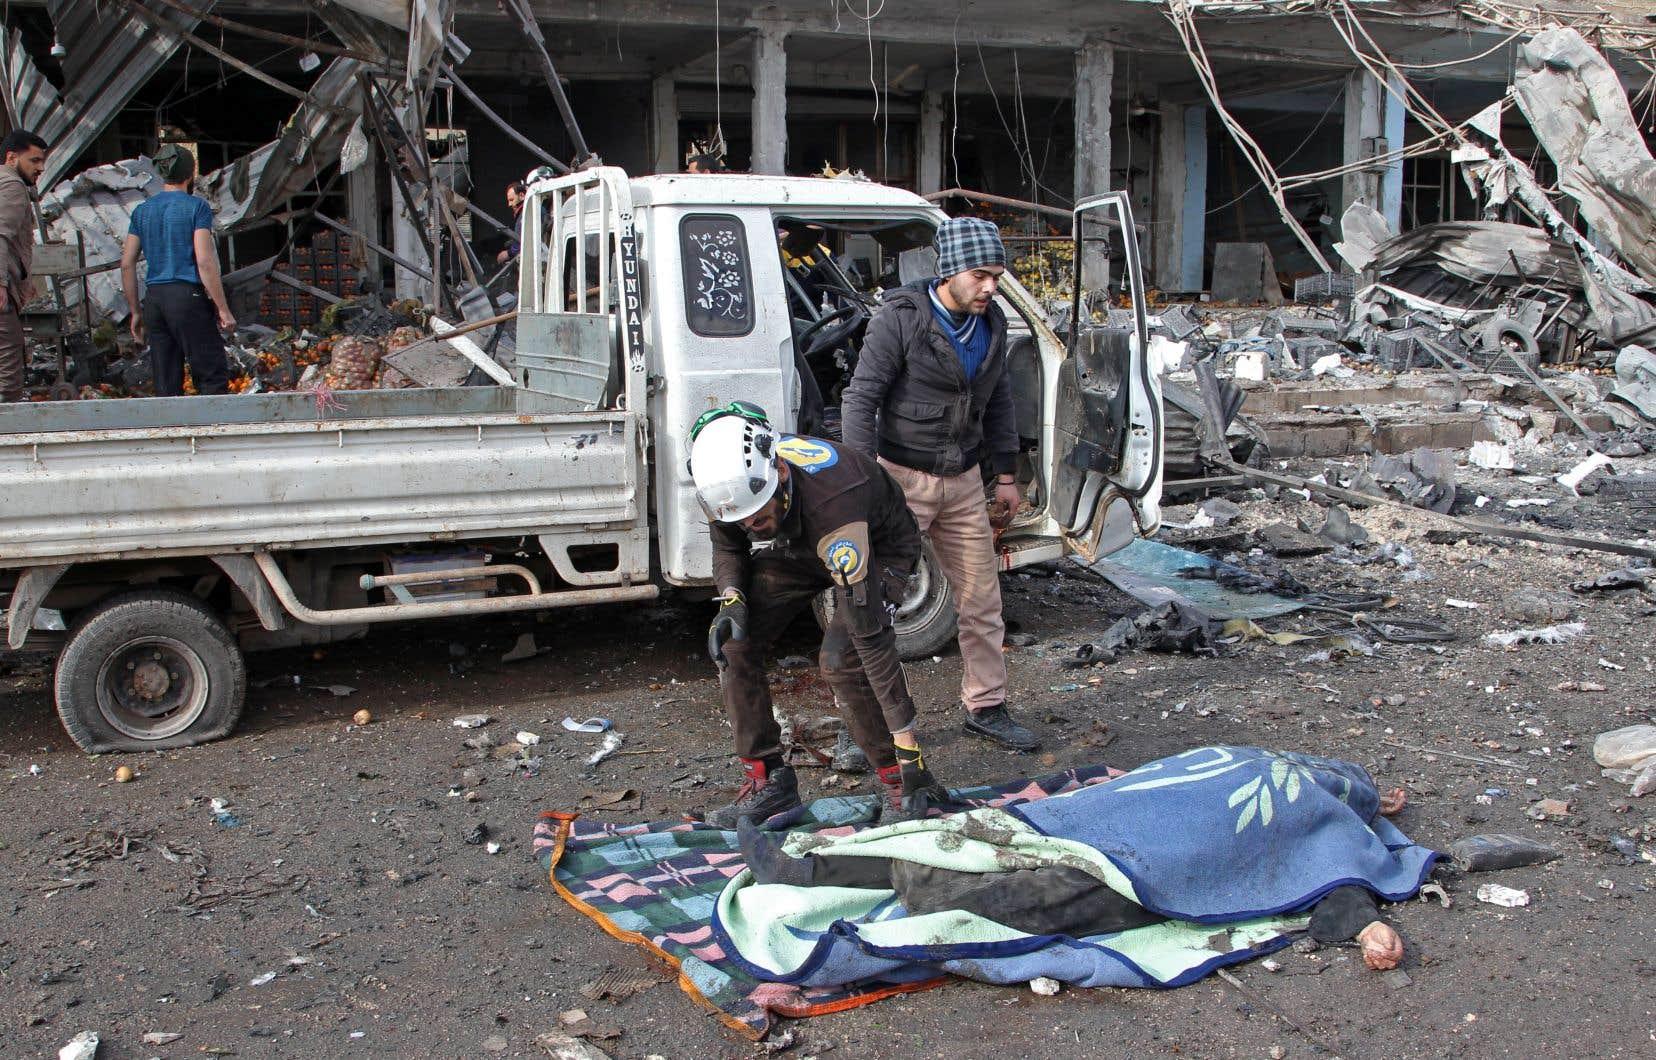 Les frappes ont notamment visé un marché de Maaret al-Noomane, faisant 13 morts, d'après l'Observatoire syrien des droits de l'homme (OSDH).